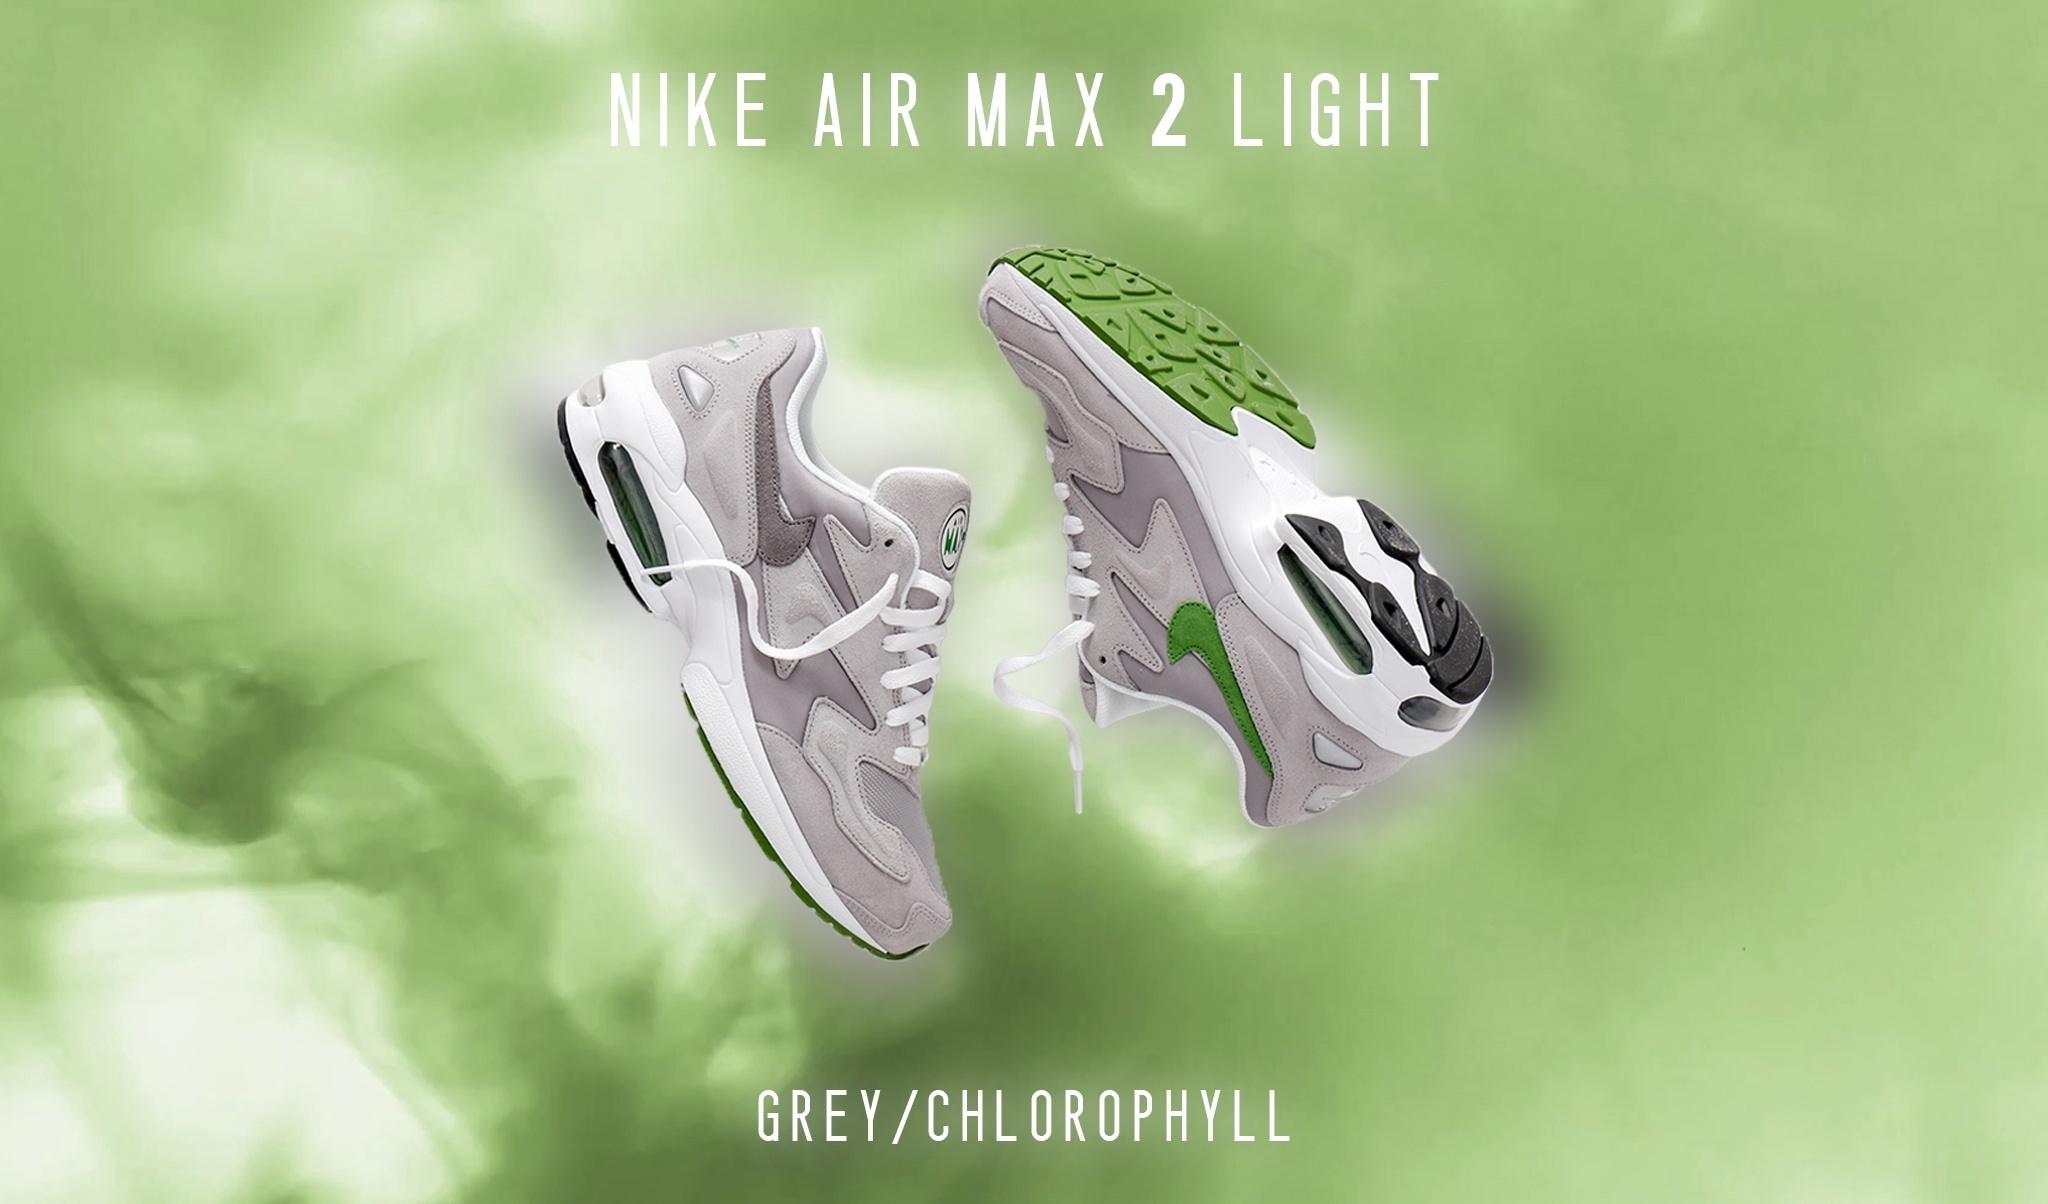 Nike Air Max2 Light Grey Chlorophyll